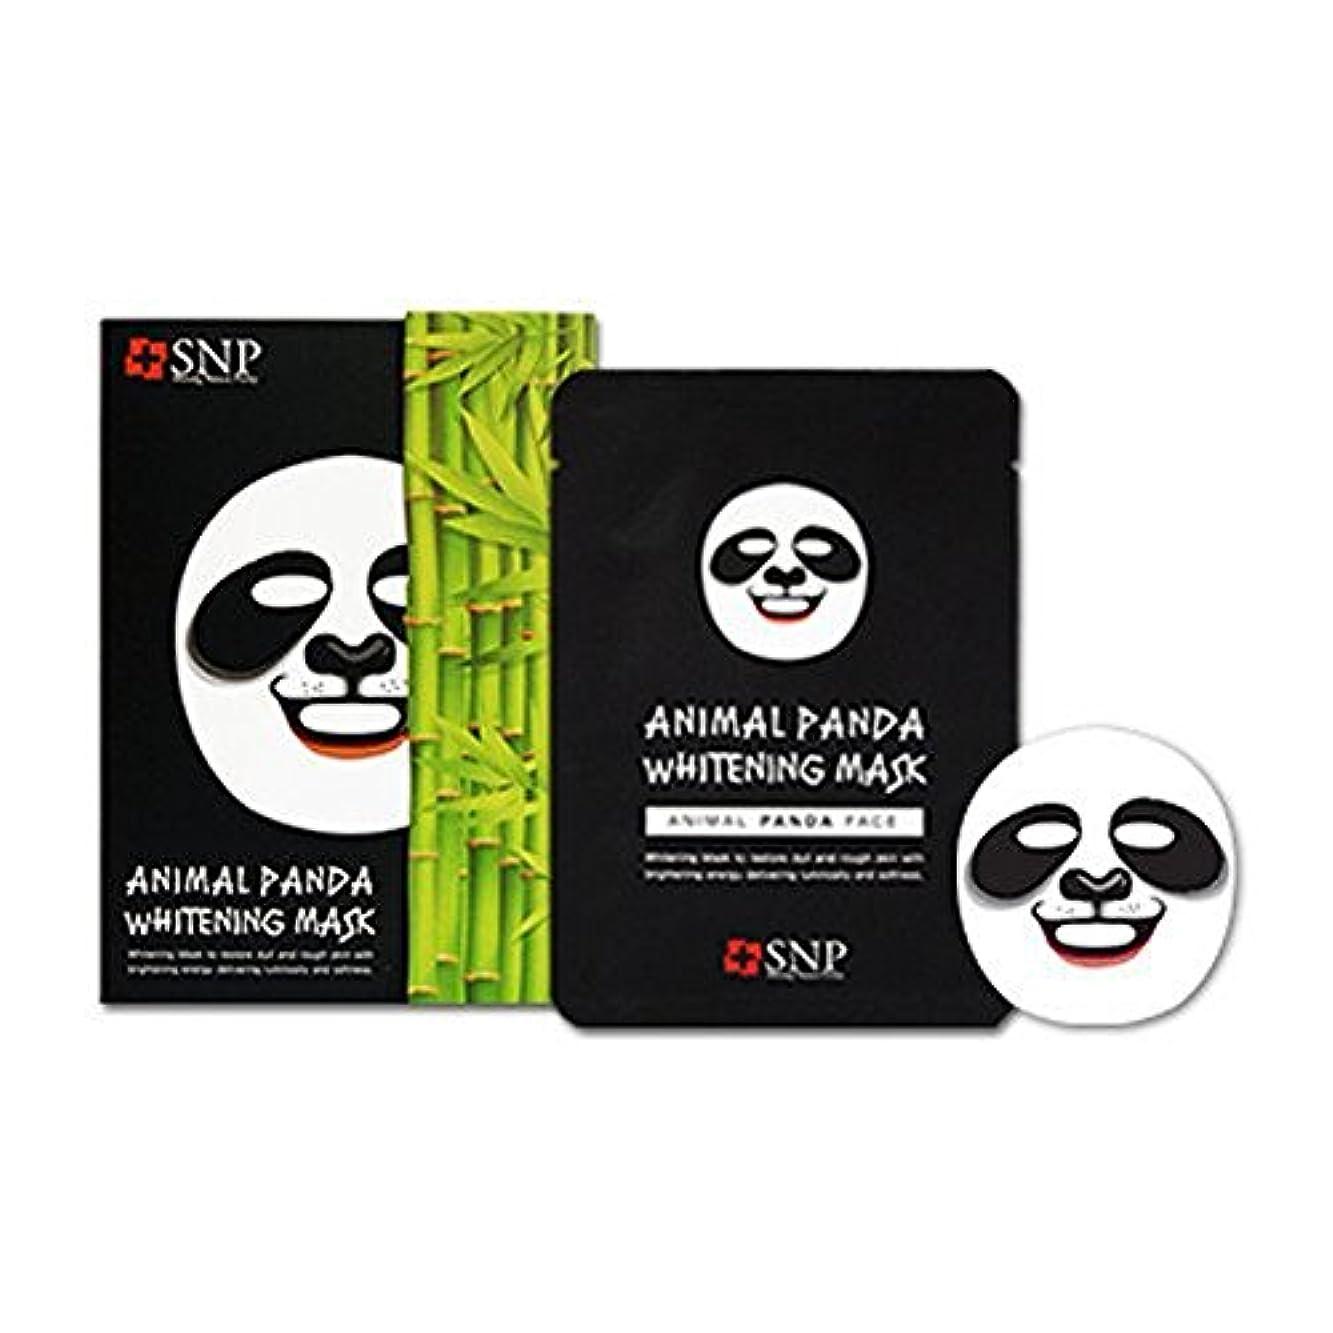 絶え間ないカウントアップ困惑したSNP エスエンピ 動物マスクシート 10枚入り1box (Animal Mask 10 sheet) 海外直送品 (パンダ Panda)